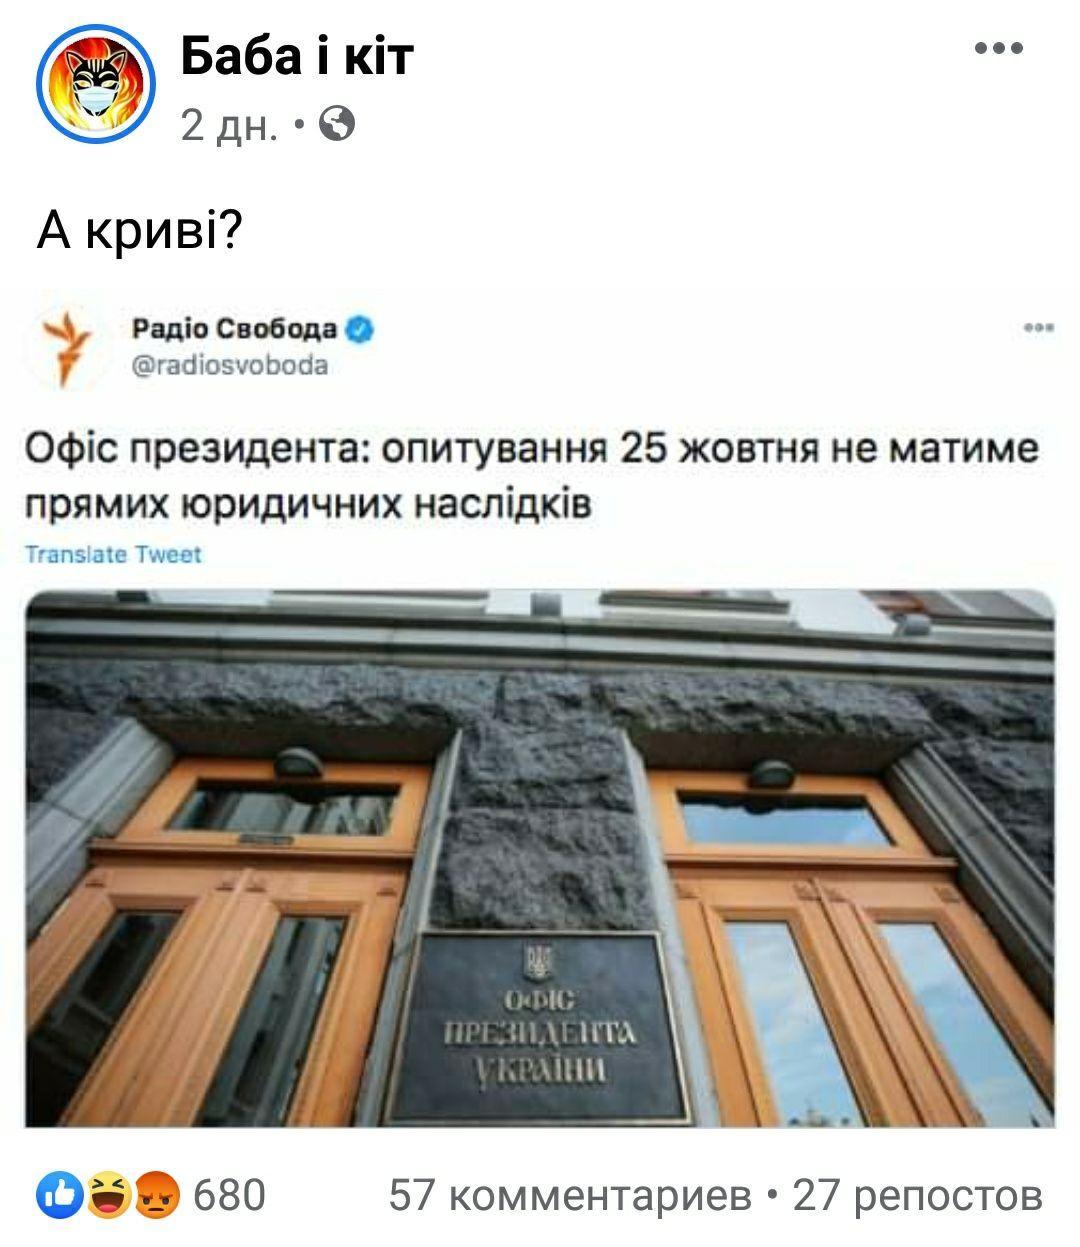 Убитая Эрика и детские анкеты: соцсети не унимаются из-за народного опроса Зеленского - фото 13